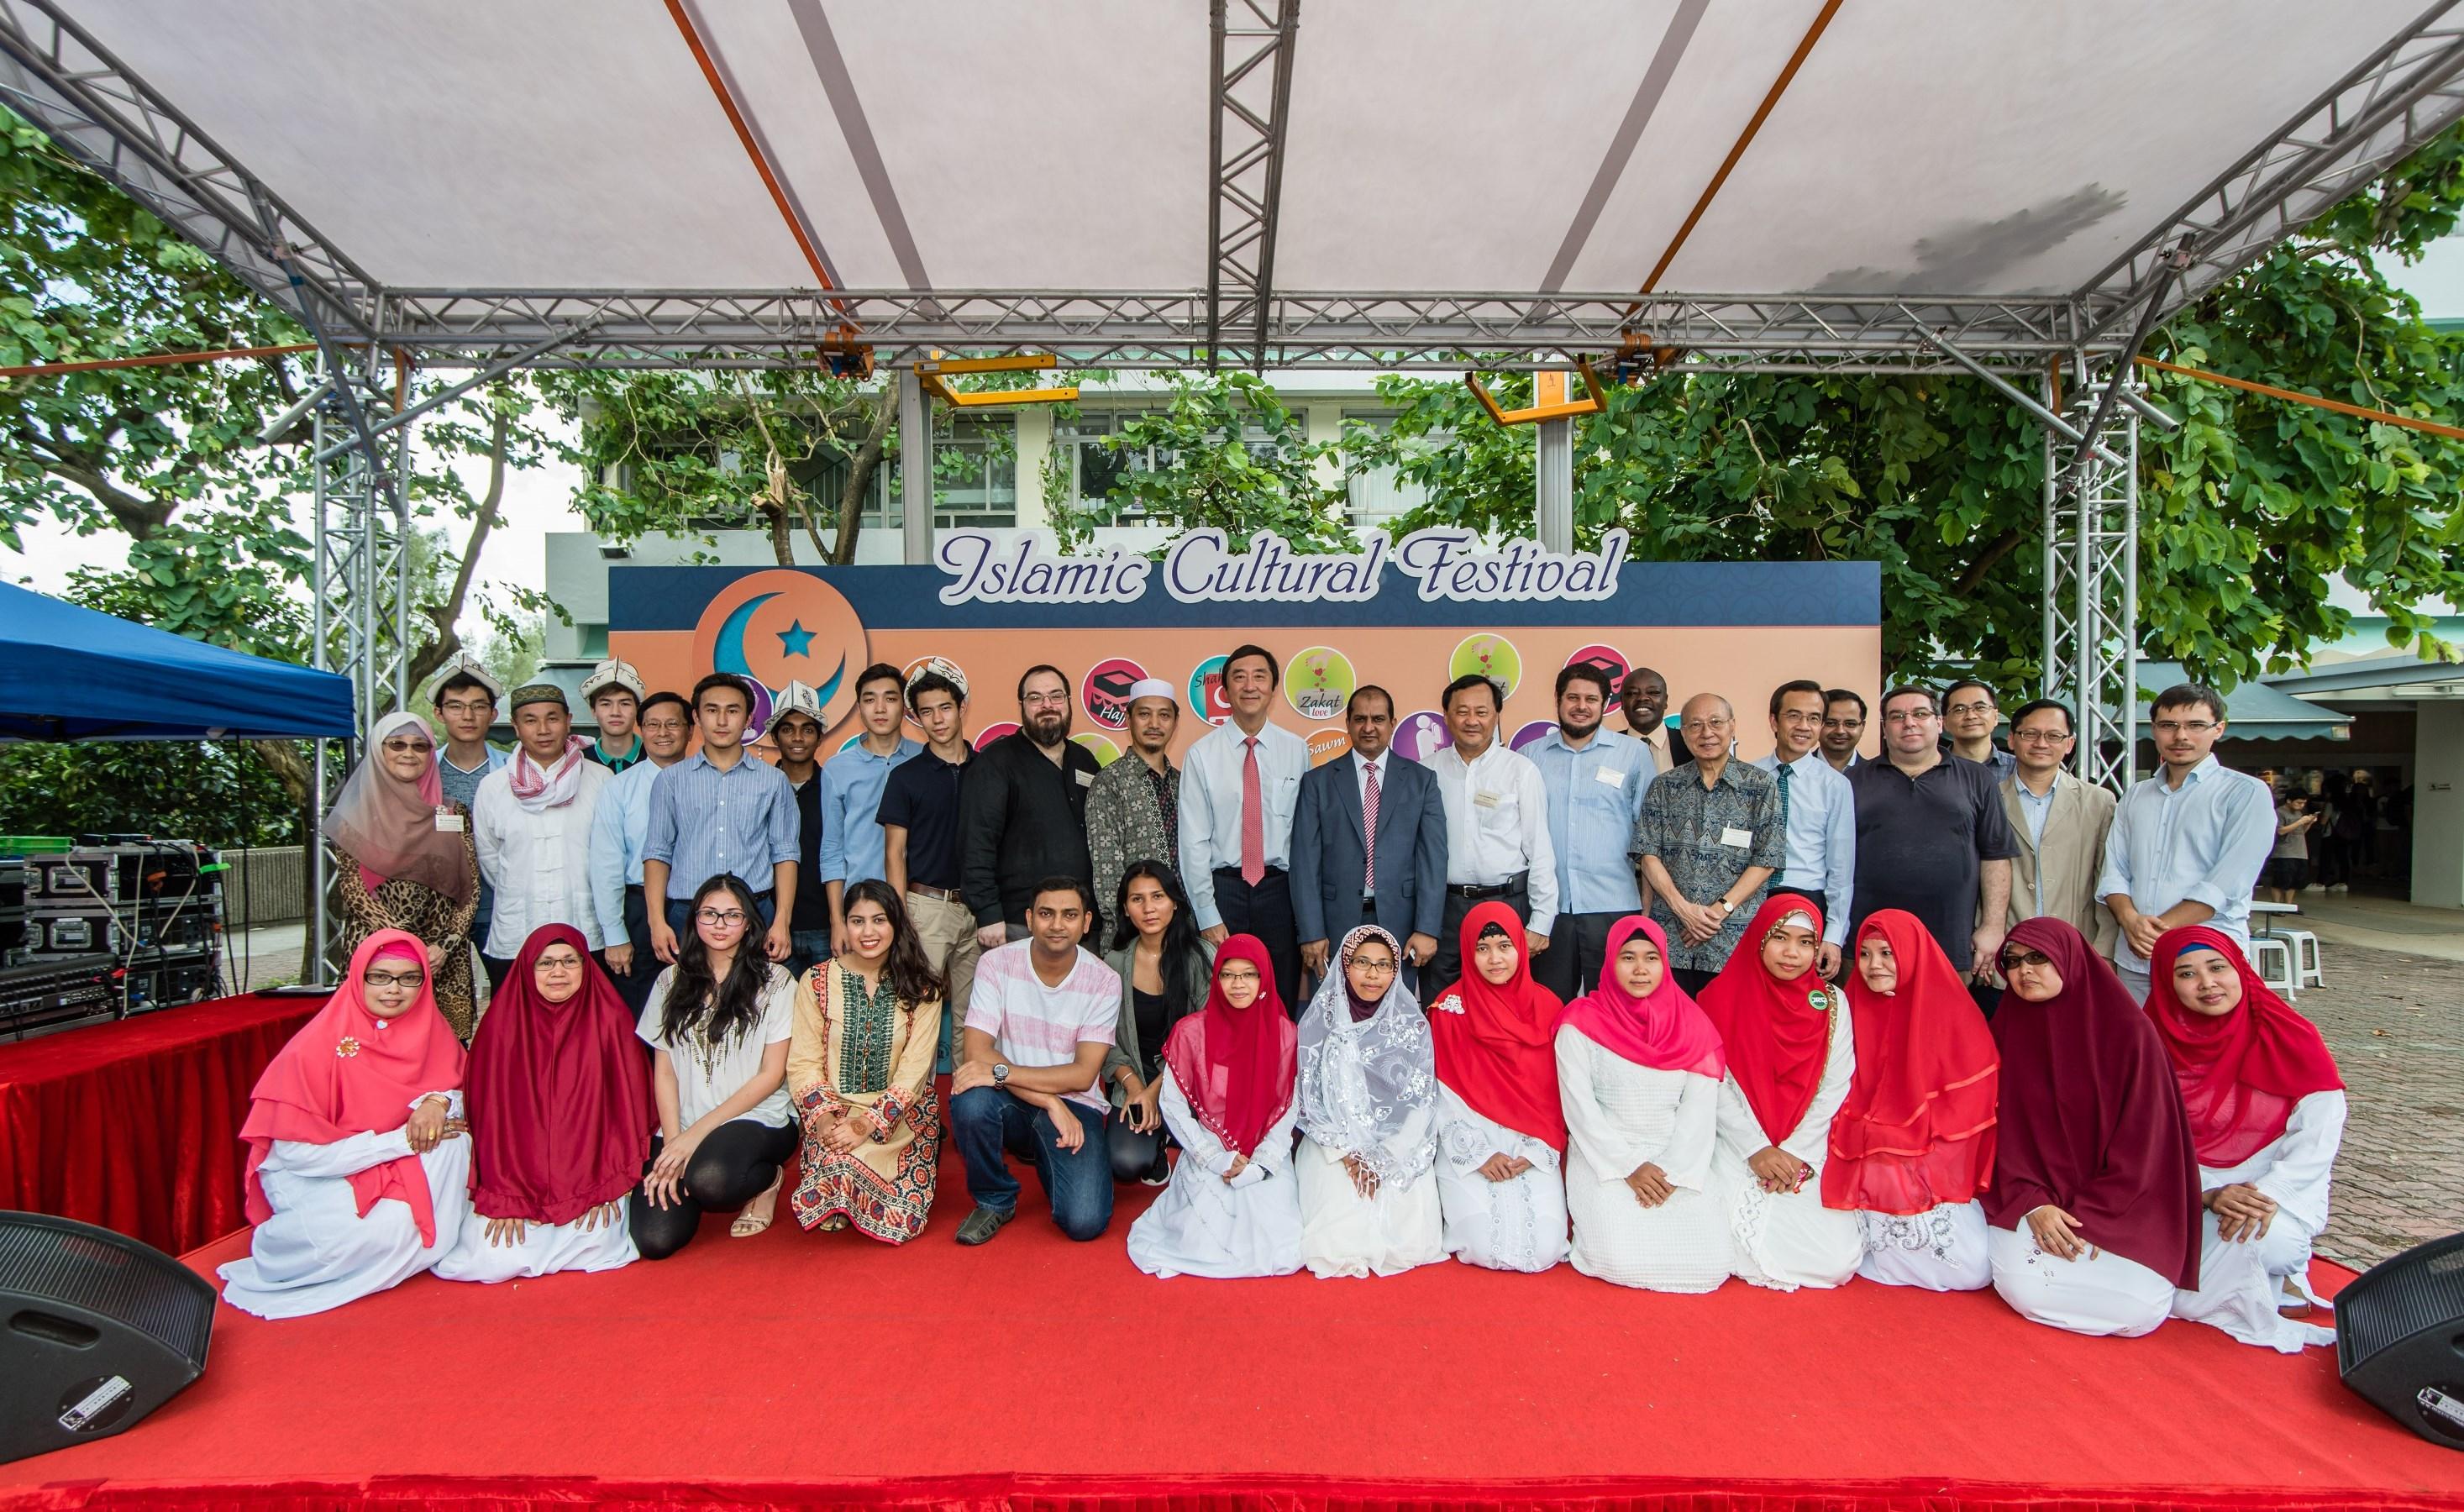 「伊斯兰文化节」开幕礼